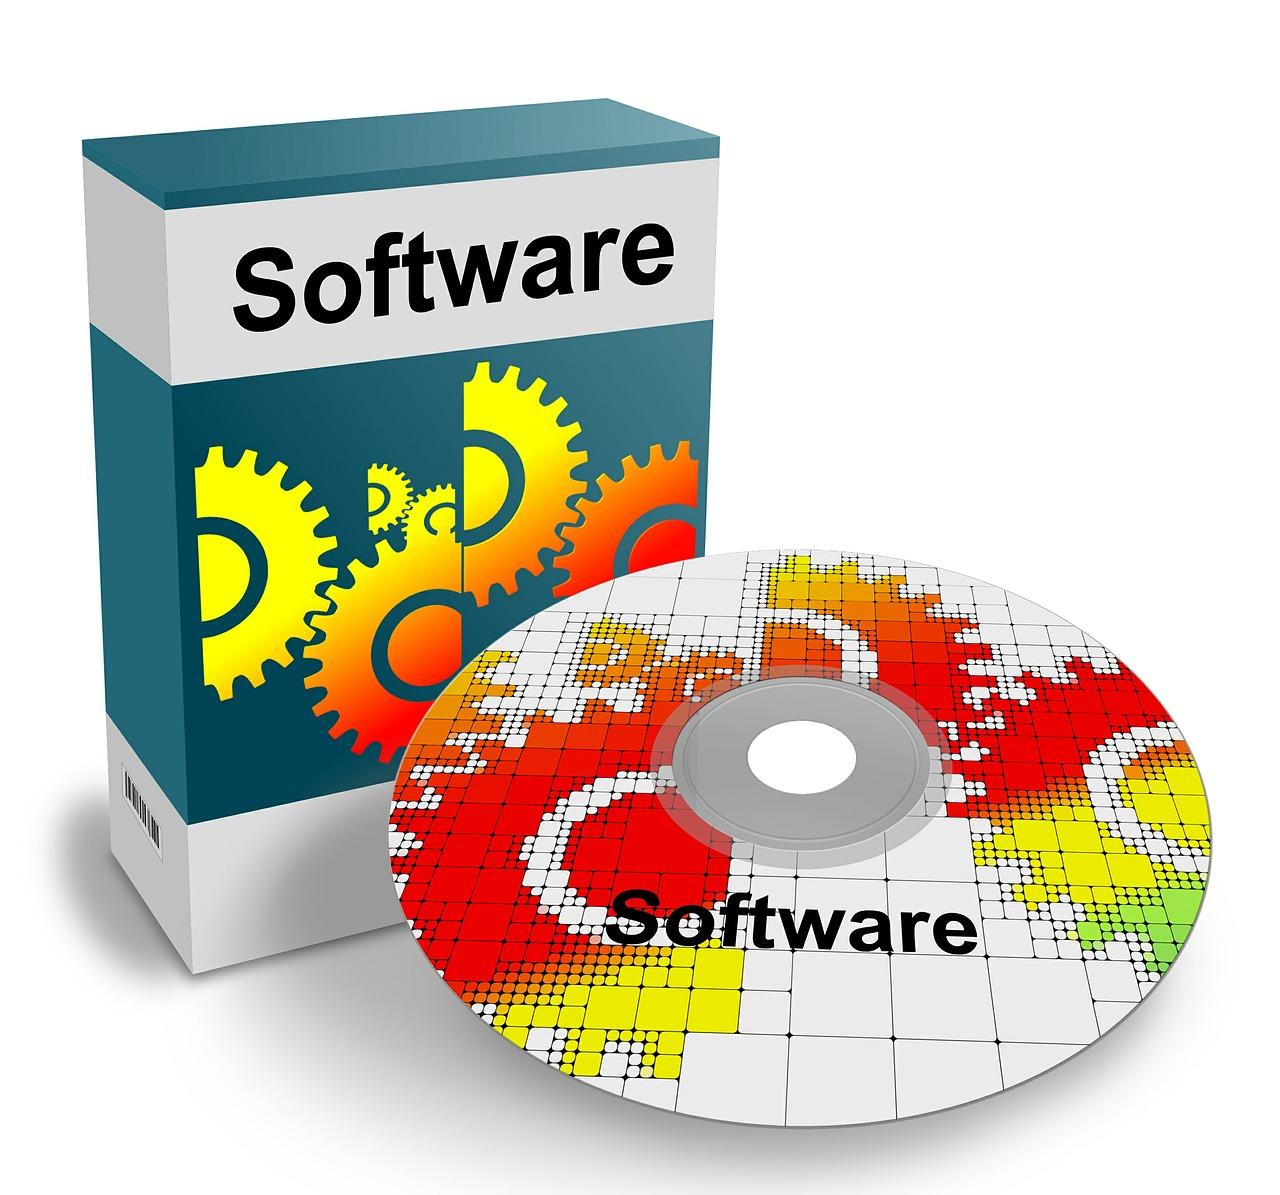 無料の画像編集ソフトで写真を加工しよう!おすすめソフト10選紹介!のサムネイル画像